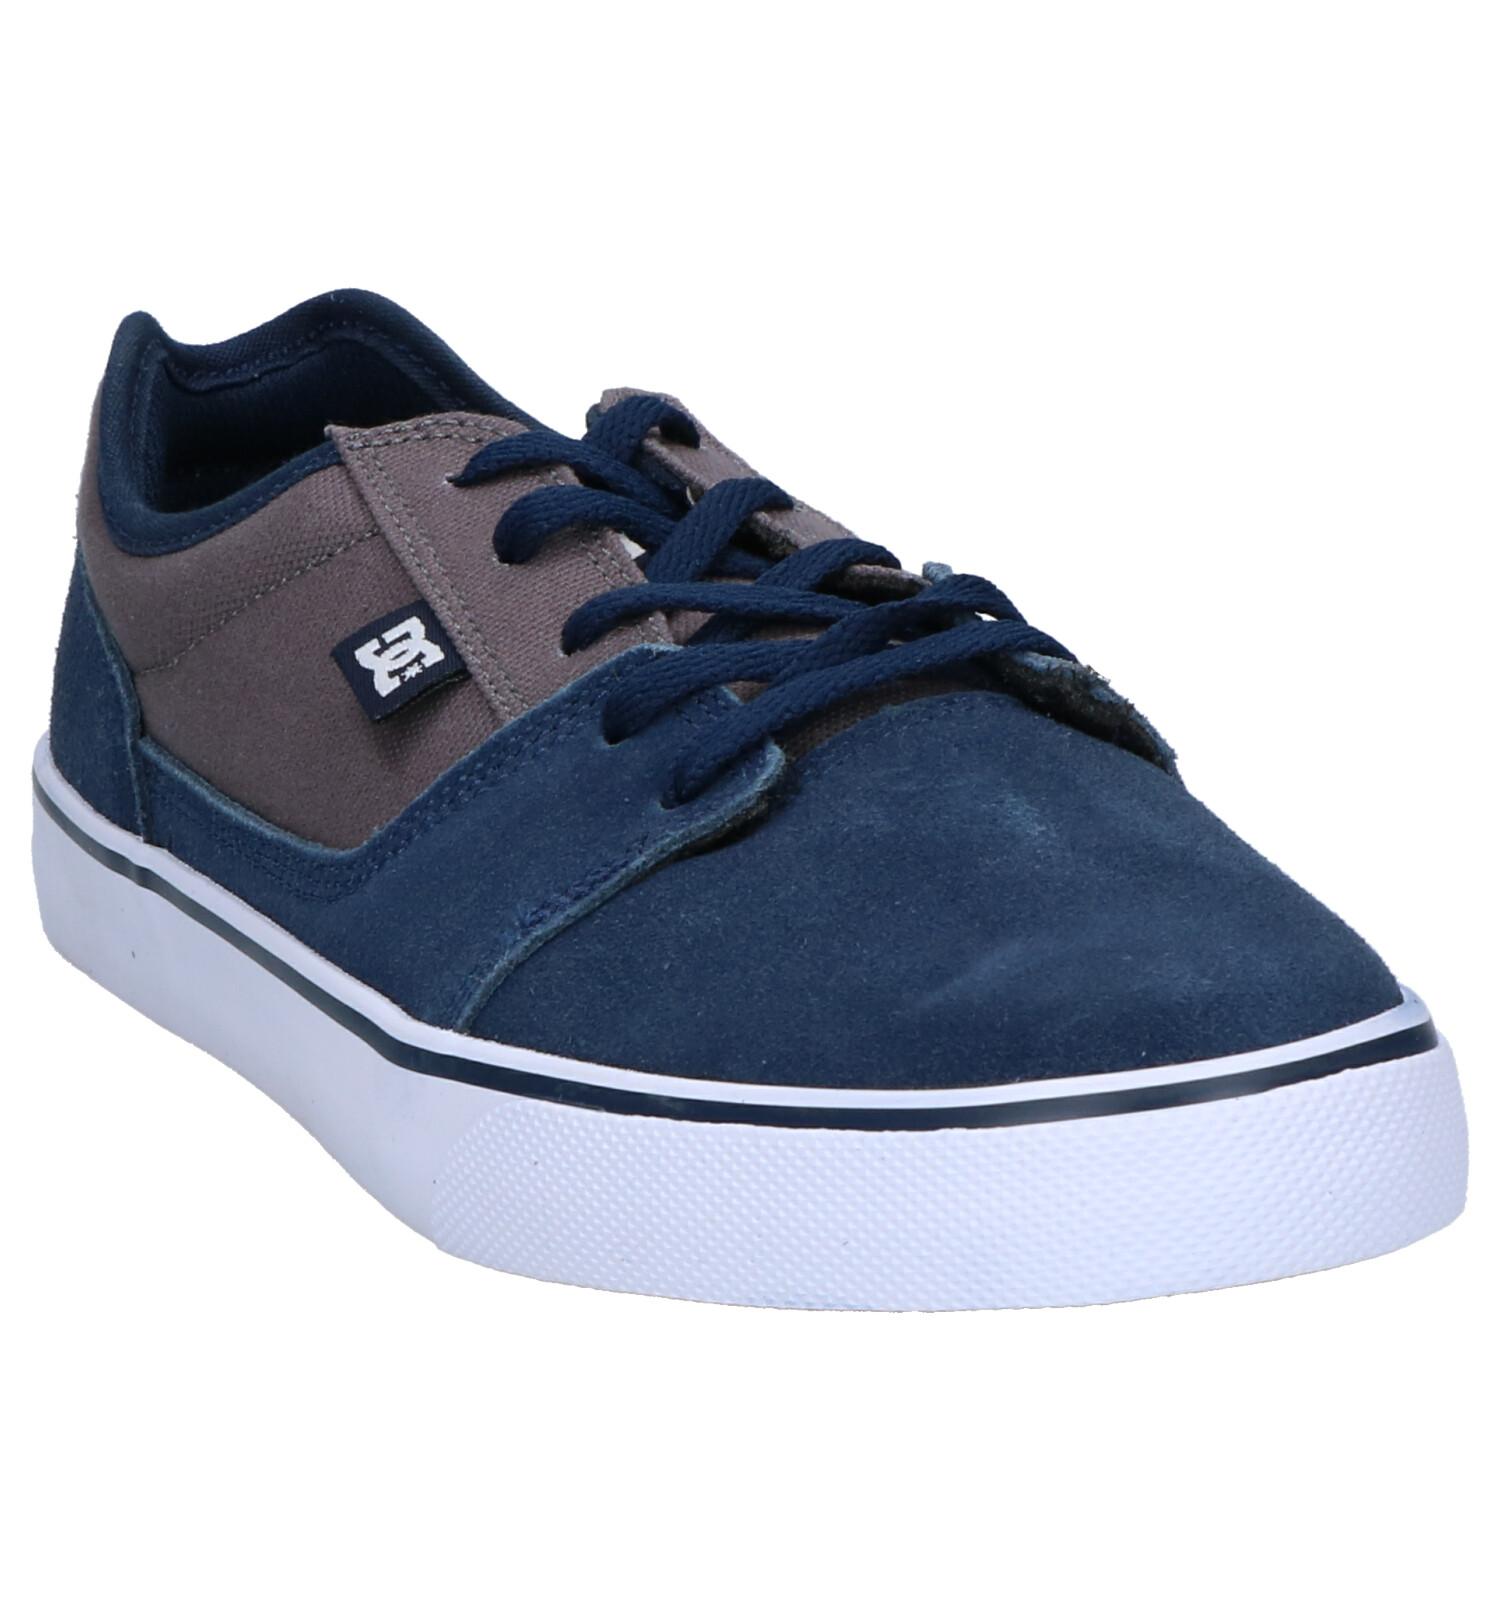 Shoes Tonik Blauwe Dc Tonik Dc Blauwe Skateschoenen Shoes Tonik Dc Shoes Skateschoenen 7Yfyb6g